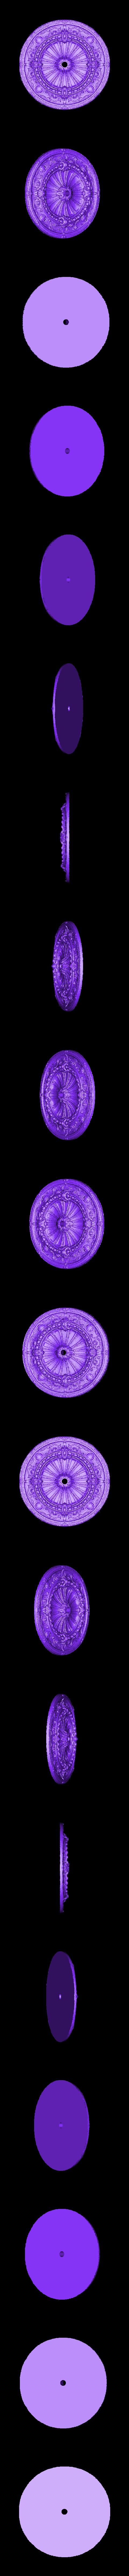 54.stl Télécharger fichier OBJ gratuit Moulures vintage pour vieux appartements classiques cnc art machine à router 3D printed • Modèle à imprimer en 3D, 3DPrinterFiles